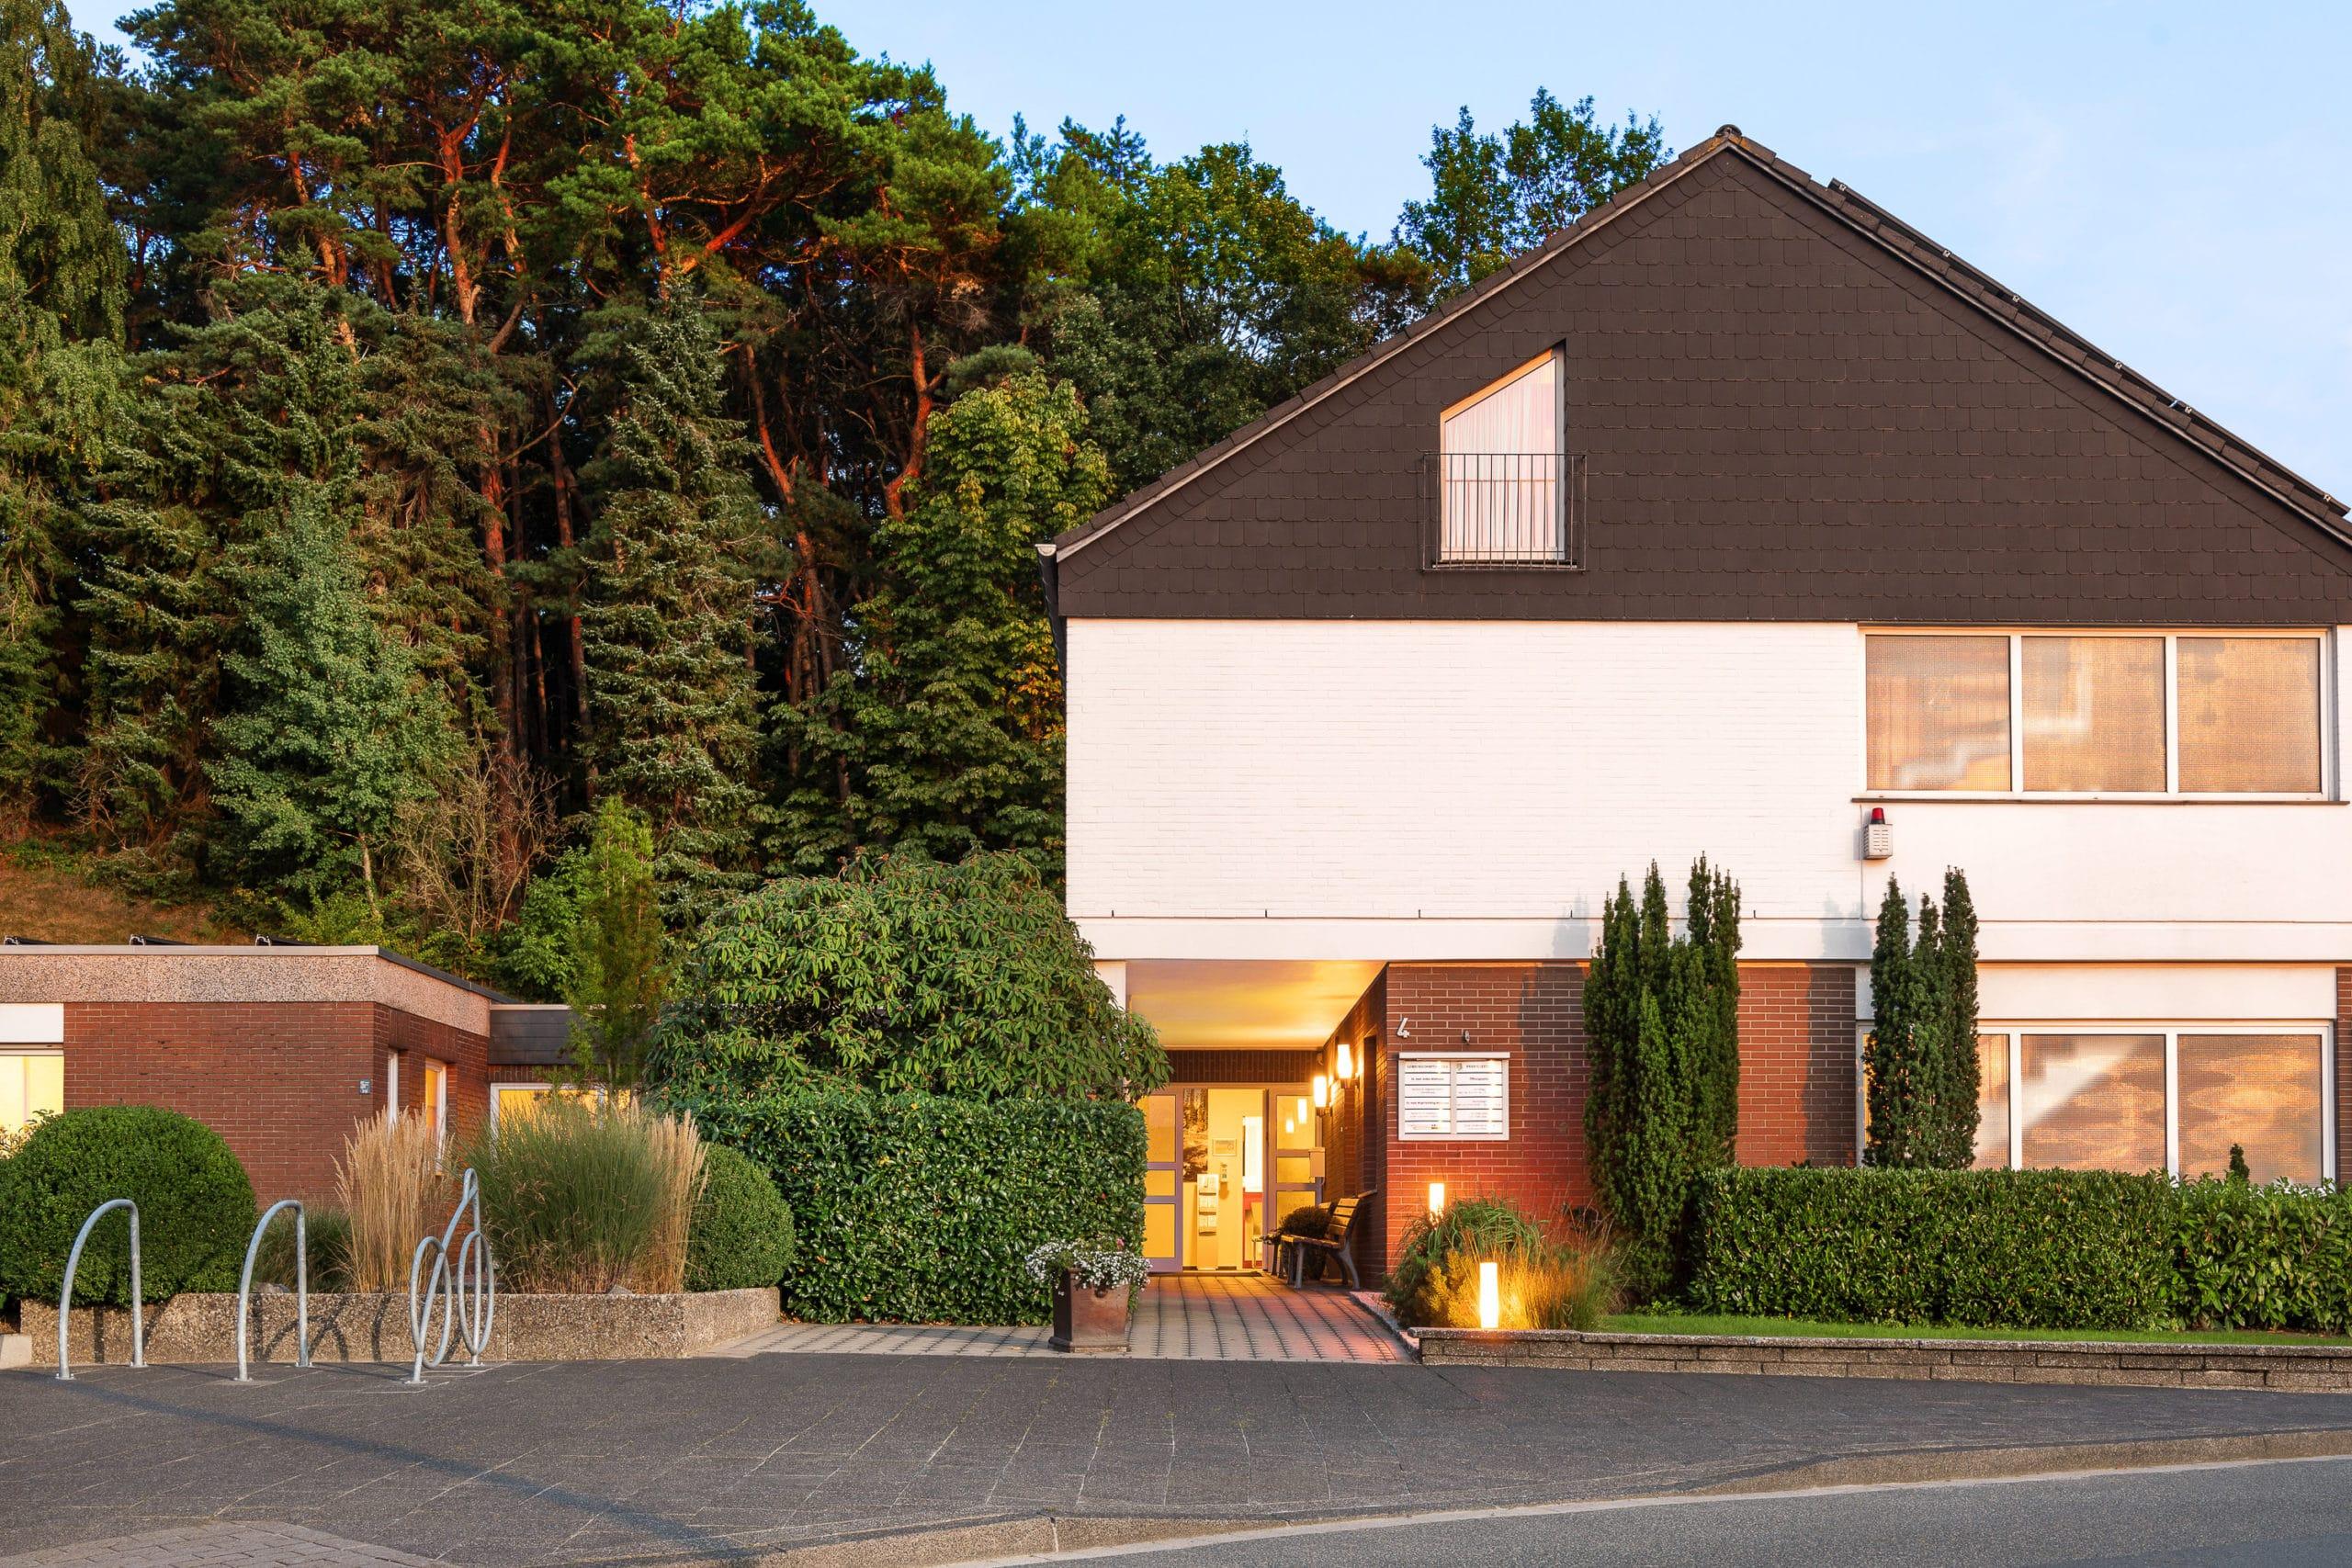 Frontale Architektur Außenaufnahme einer Arztpraxis im Tecklenburger Land |Architekturfotograf für Praxisfotografie in Osnabrück Münster Bielefeld NRW Niedersachsen und bundesweit